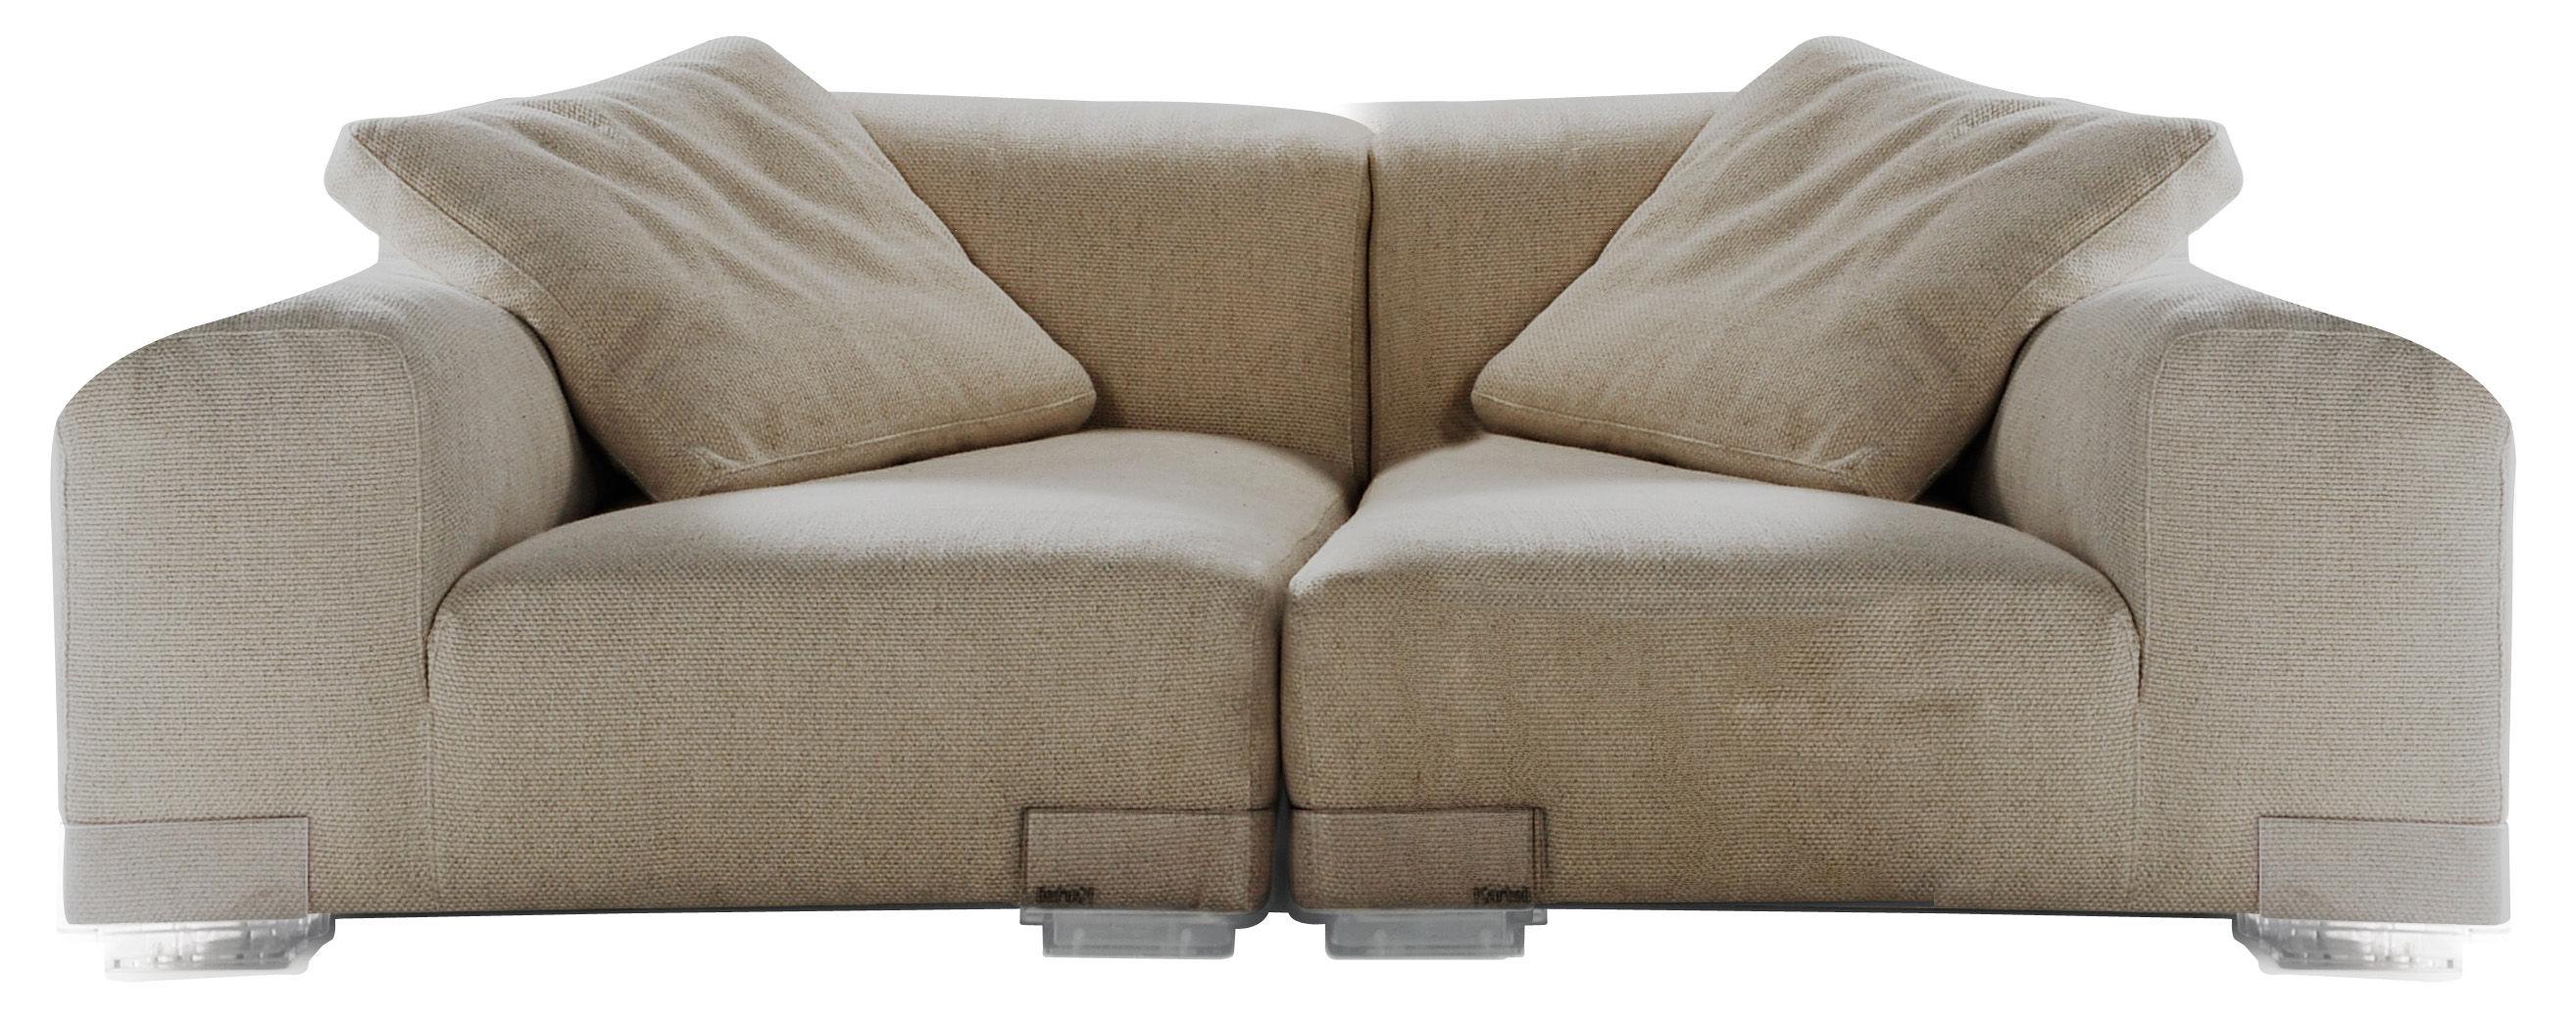 Arredamento - Divani moderni - Divano destro Plastics Duo - Composizione 1 di Kartell - Grigio tortora - policarbonato, Tessuto